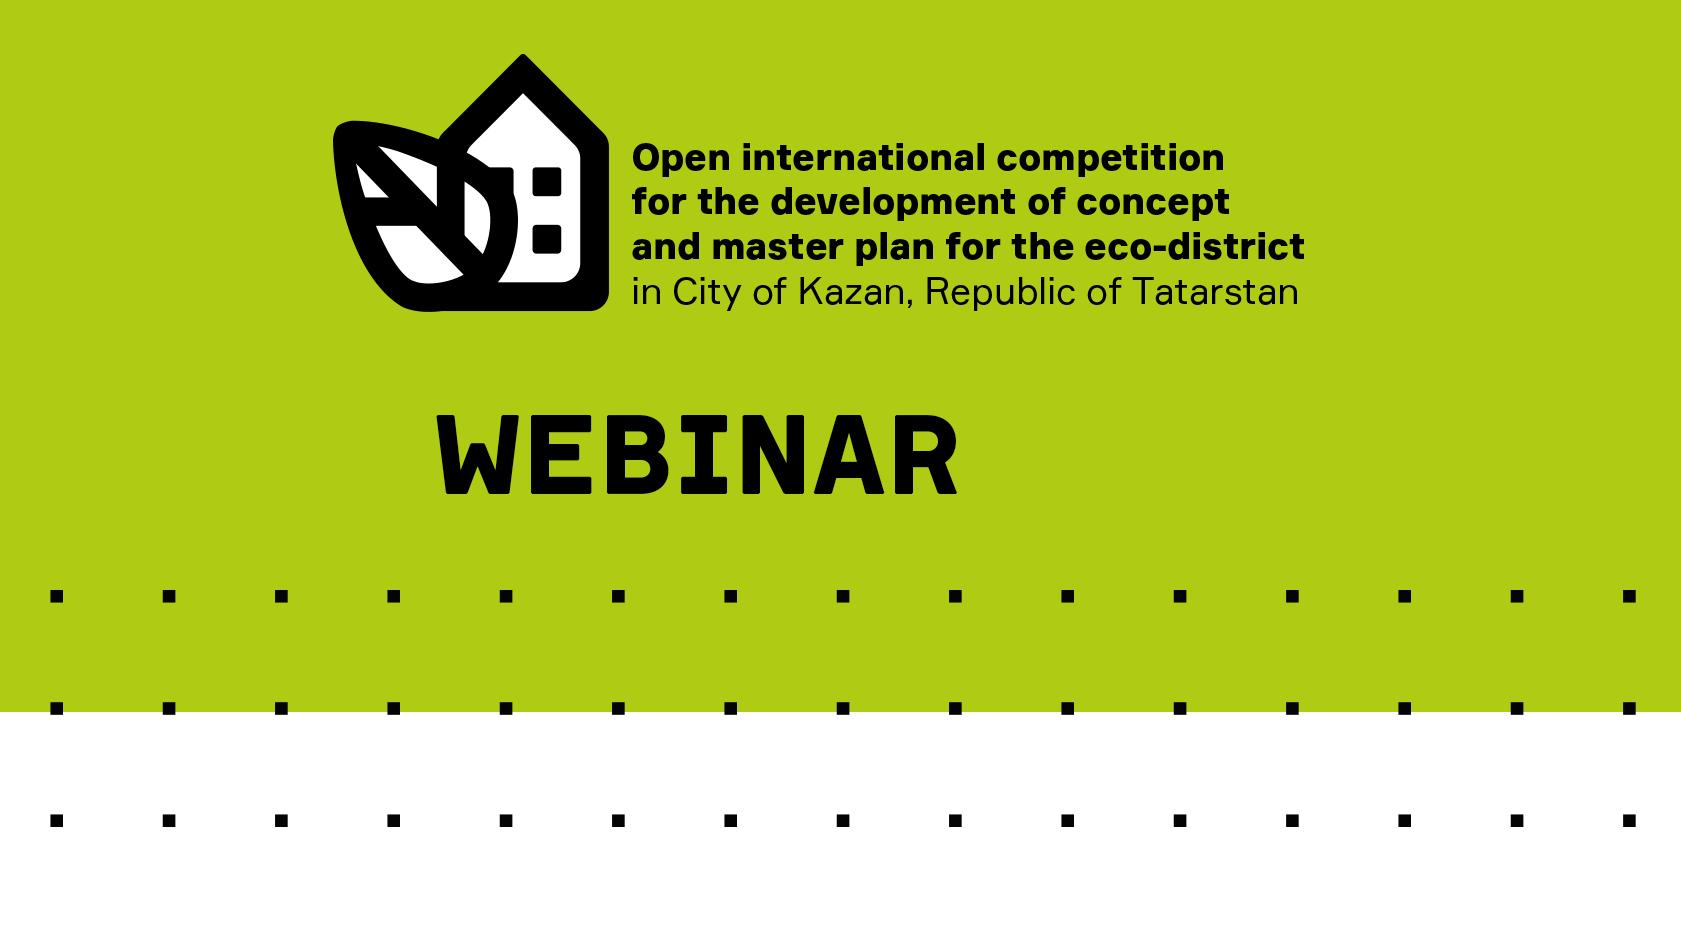 3 августа состоится установочный вебинар для англоязычных участников конкурса